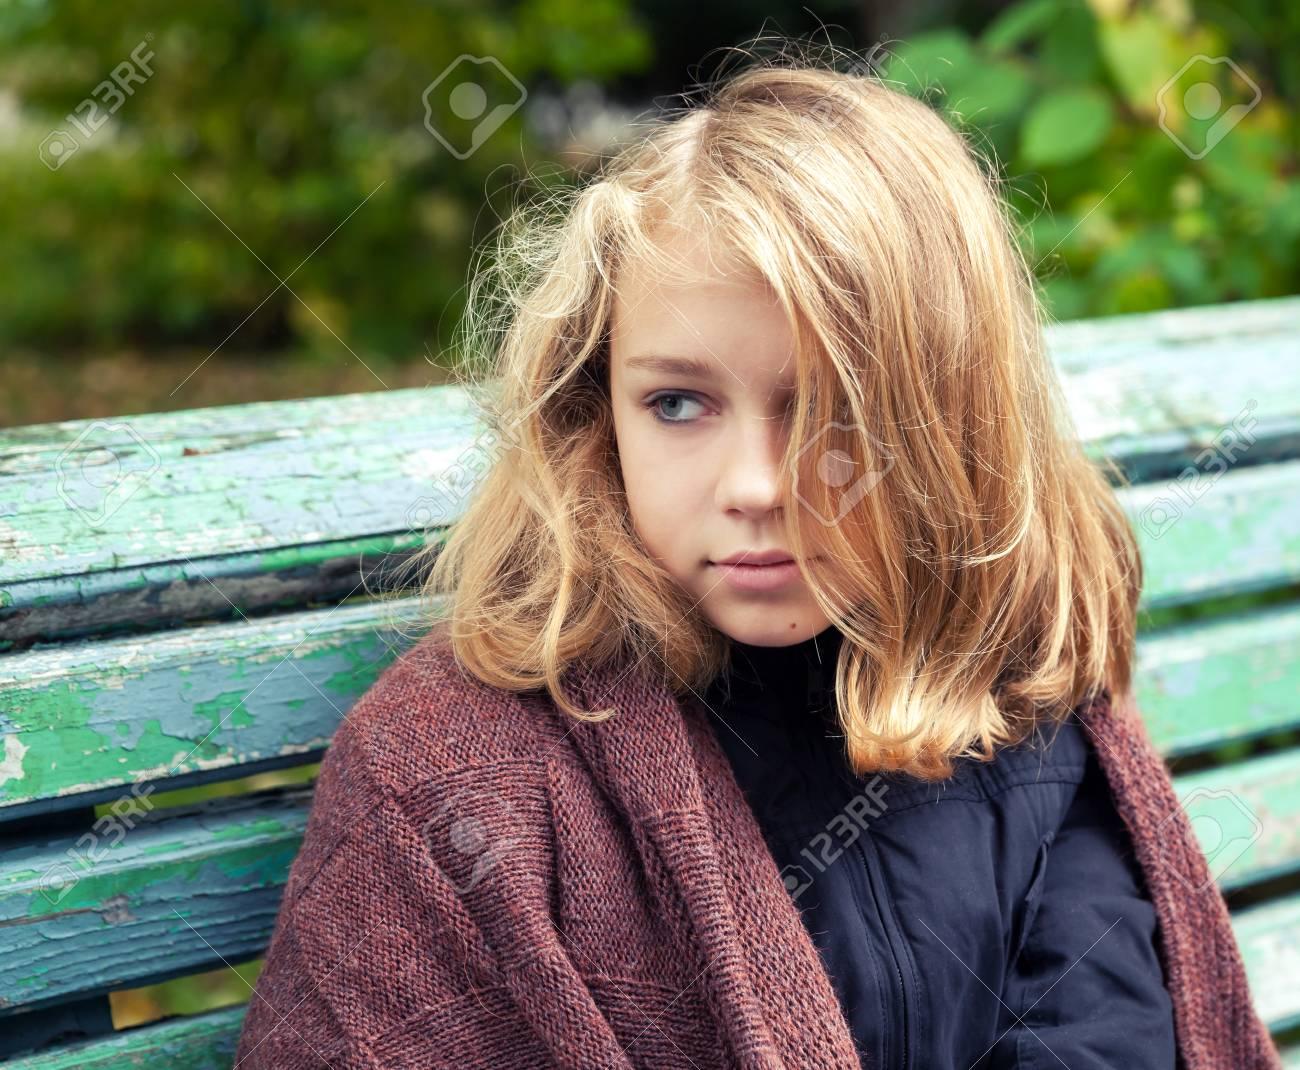 anal-sex-the-bench-blond-teen-west-girlfriend